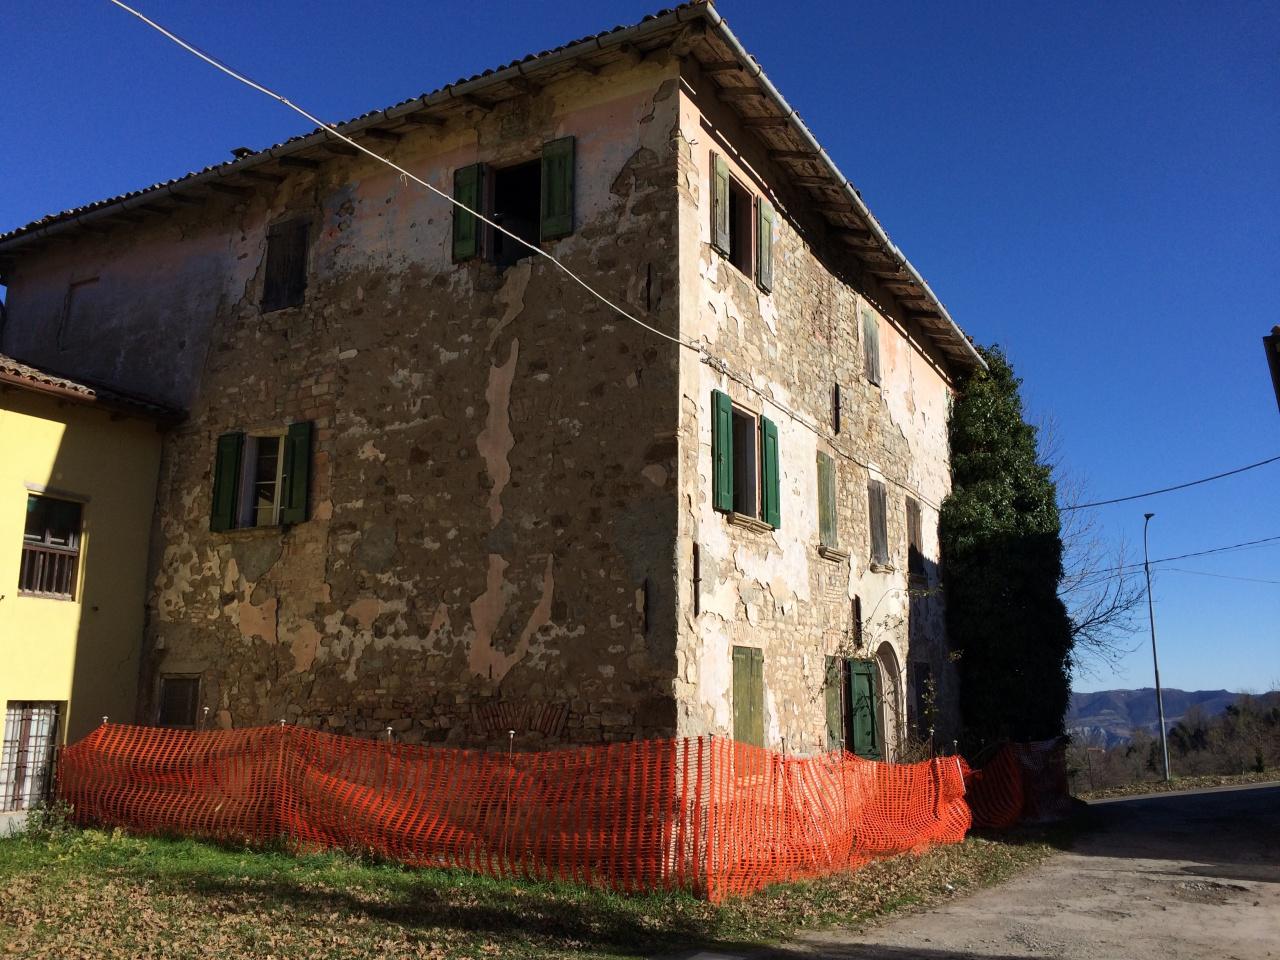 Appartamento, Via Faggeto, 0, Vendita - Valsamoggia